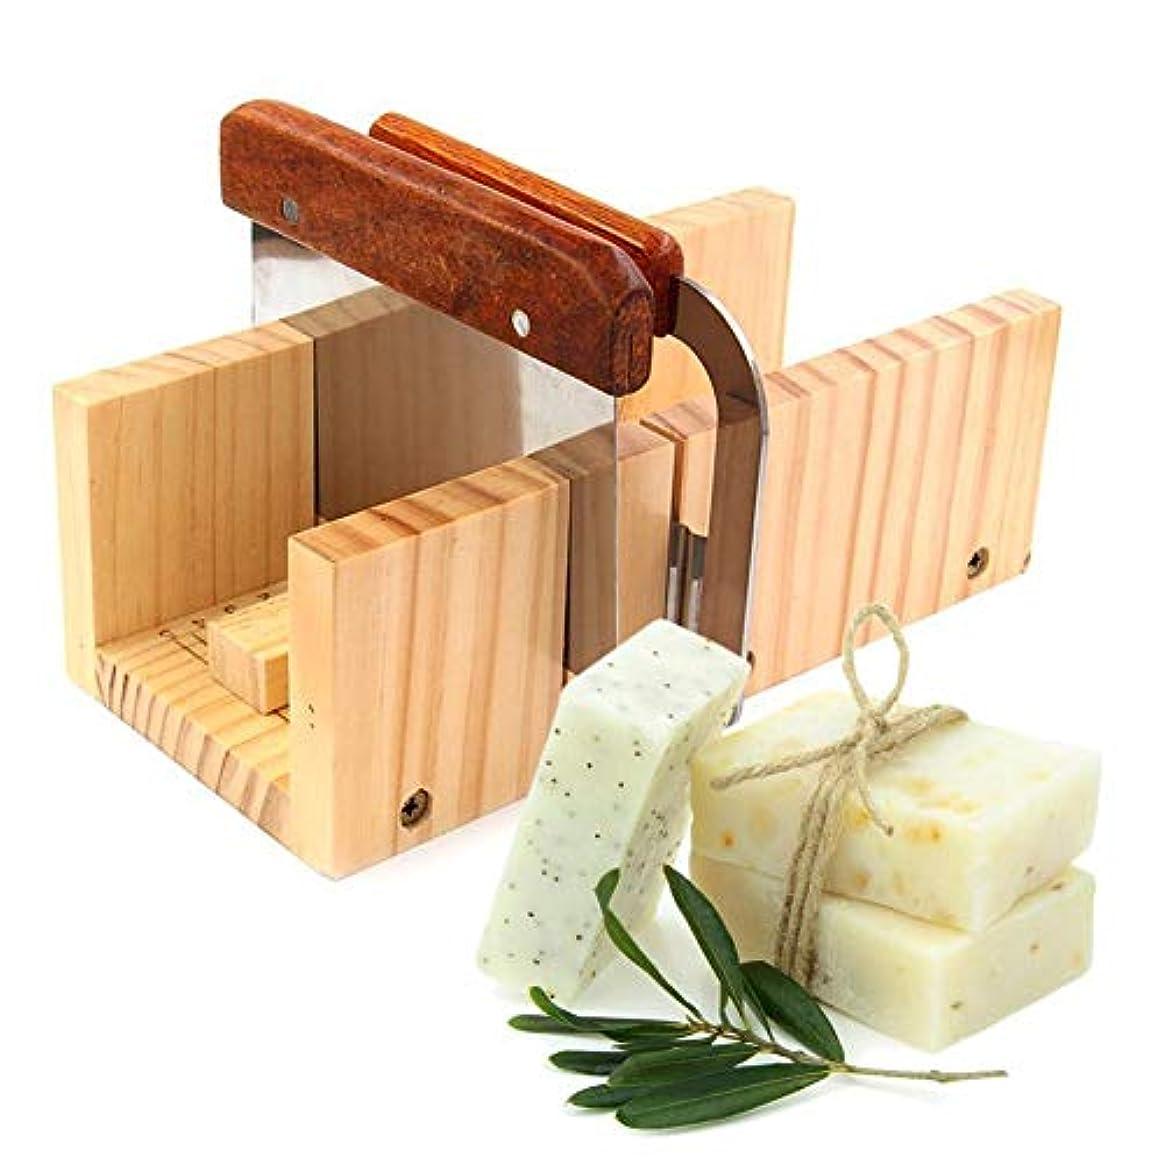 リスク常に詳細なRagem ソープカッター 手作り石鹸金型 木製 ローフカッターボックス 調整可能 多機能ソープ切削工具 ストレートプレーニングツール